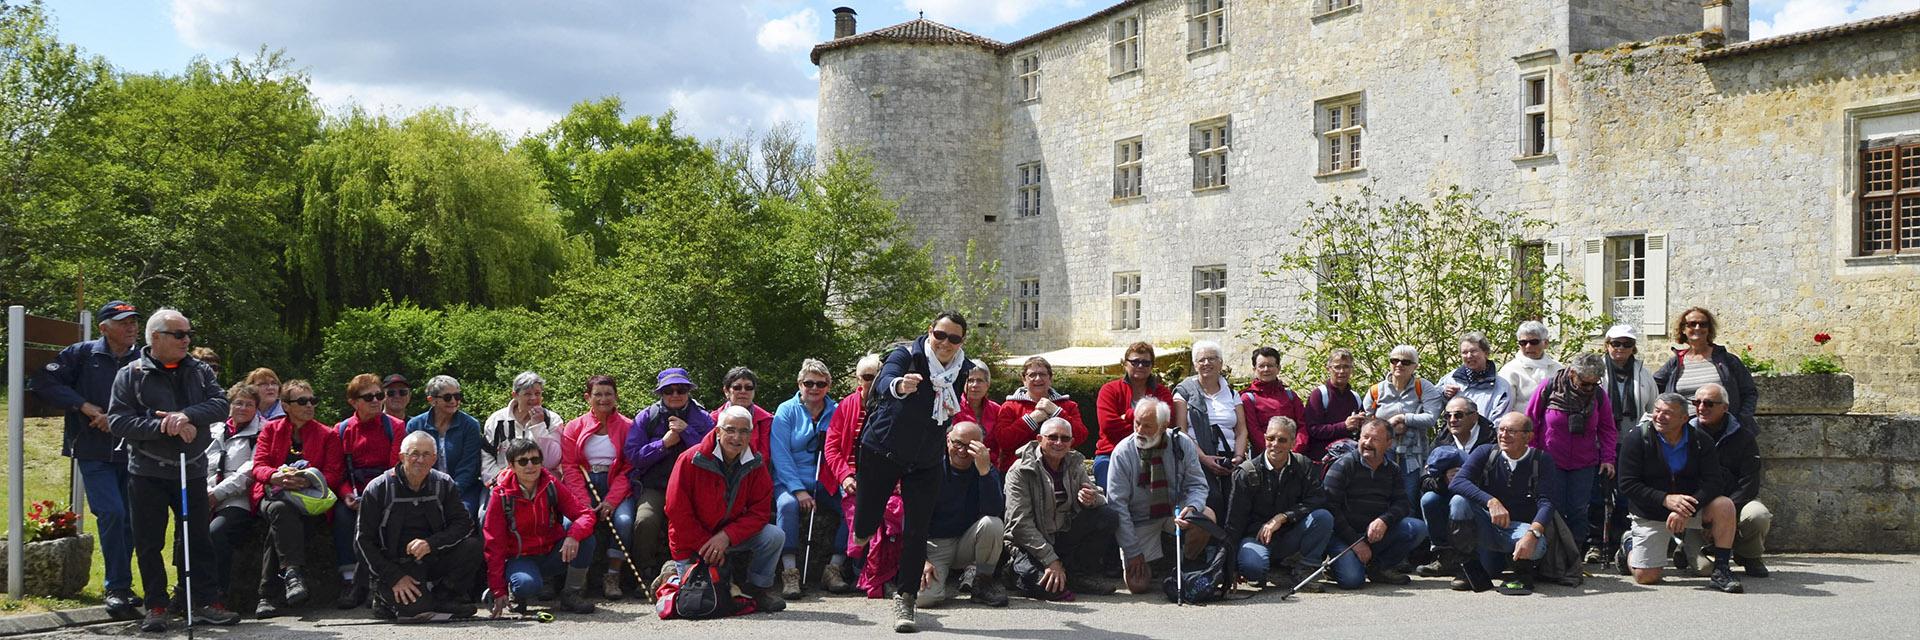 La randonnée des Gascons - Relais du Moulin Neuf